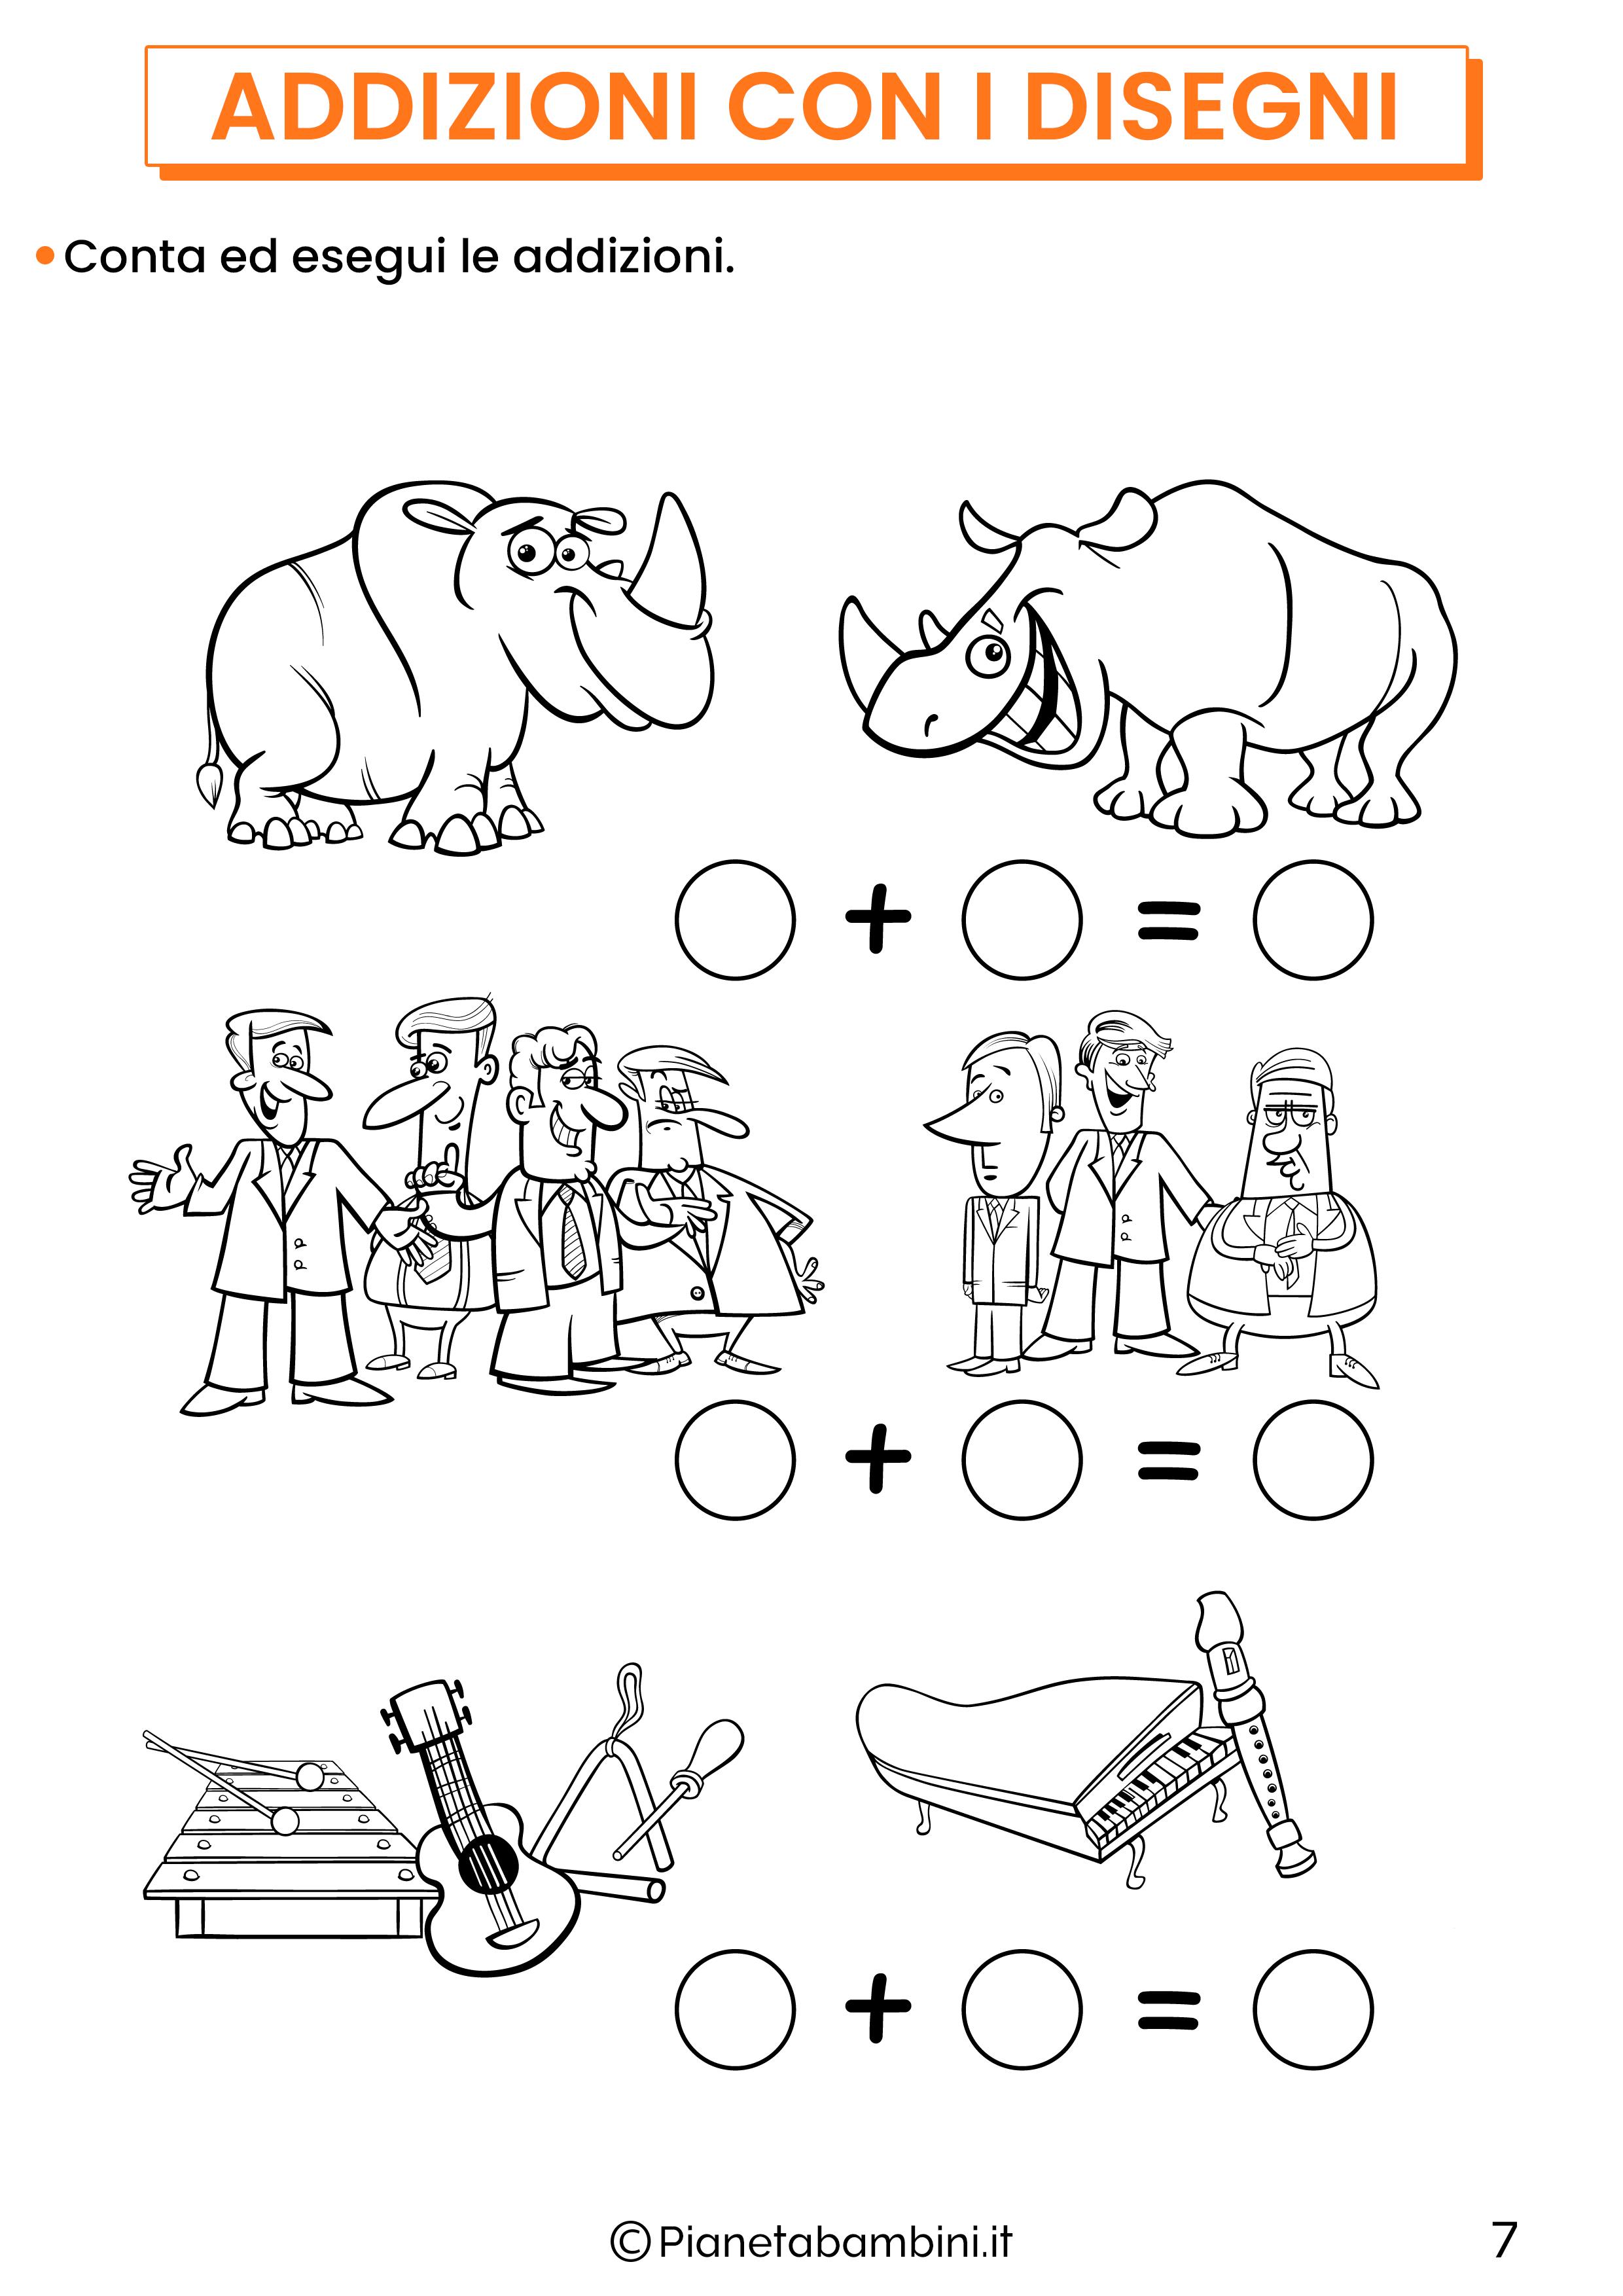 Addizioni con disegni per la classe prima pagina 7